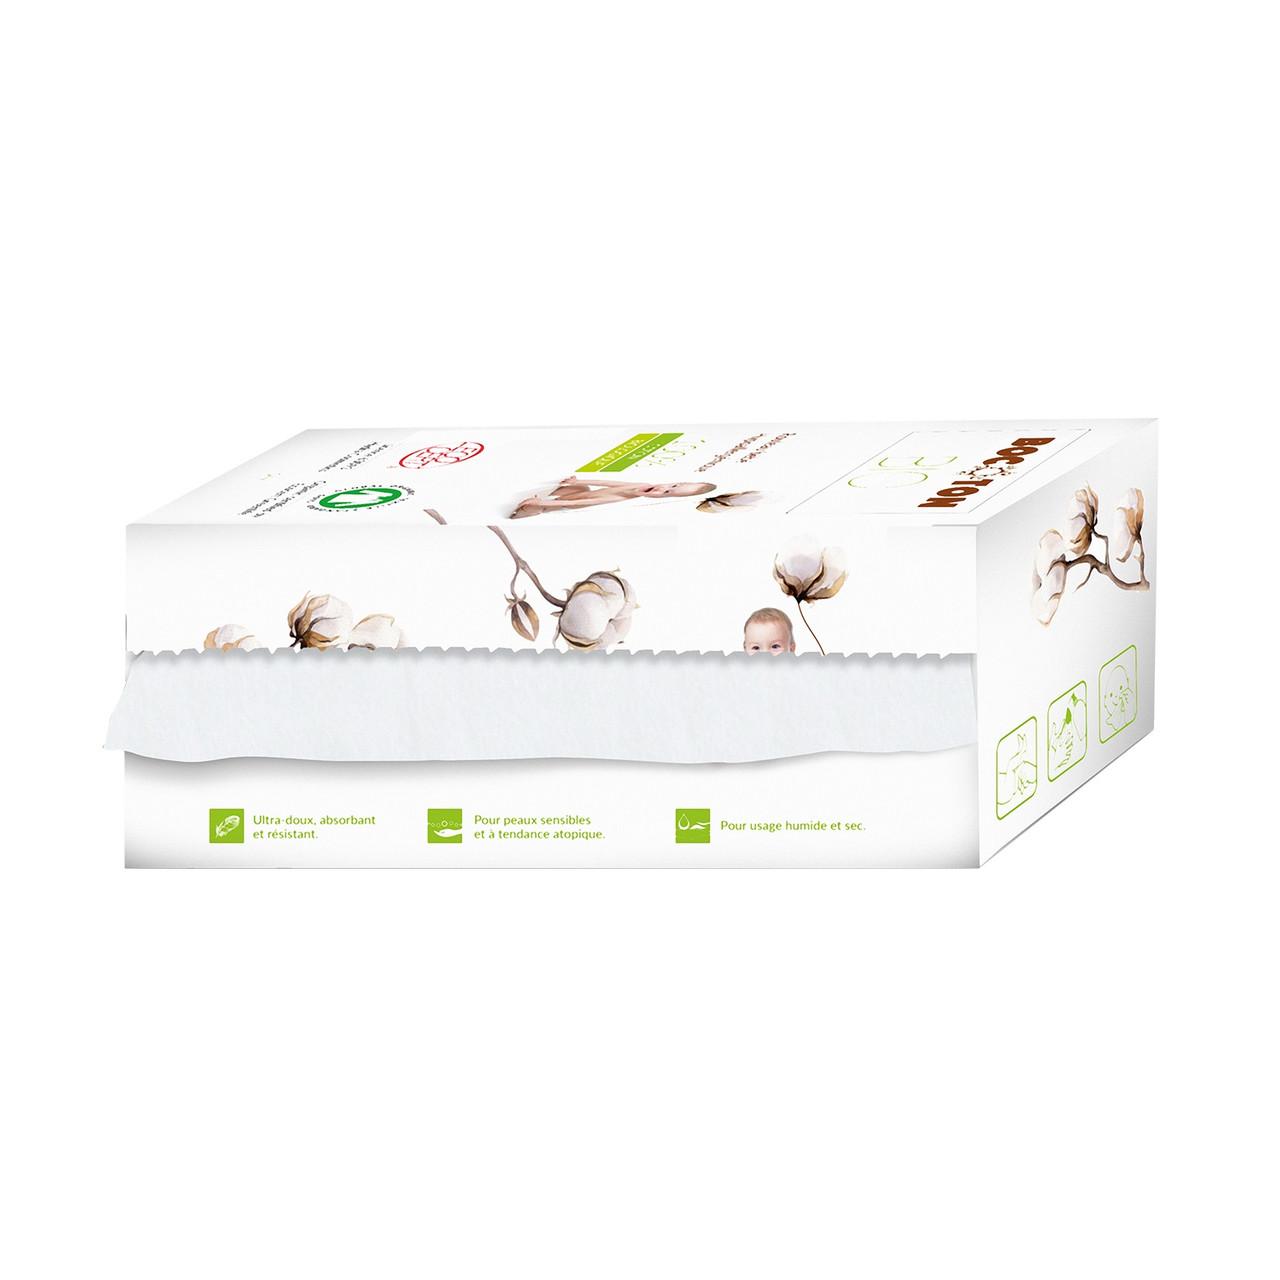 Органічні дитячі серветки в рулоні Bocoton.50 шт